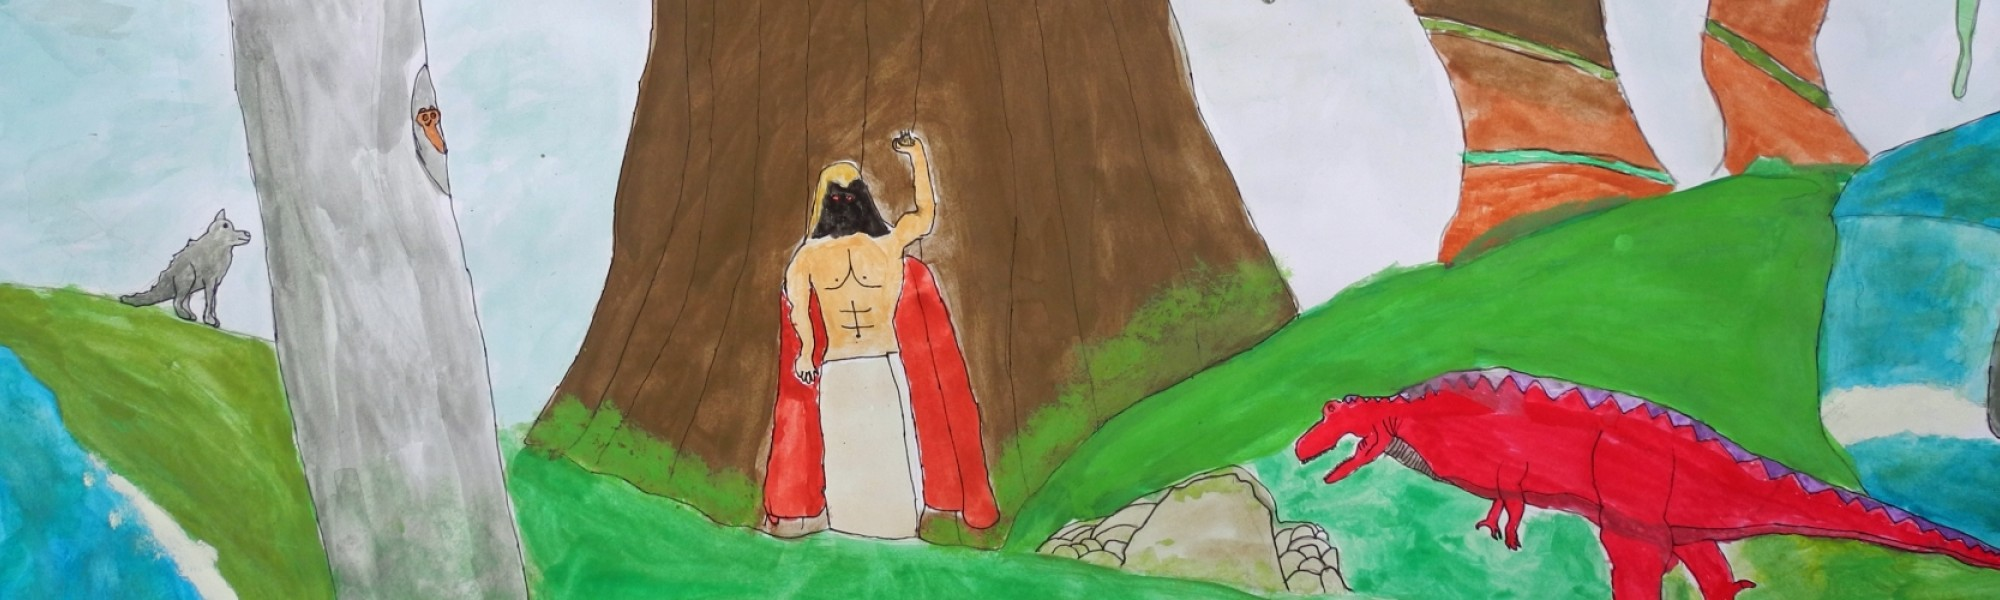 """Schüler-Bild zum Thema """"Urwald"""""""